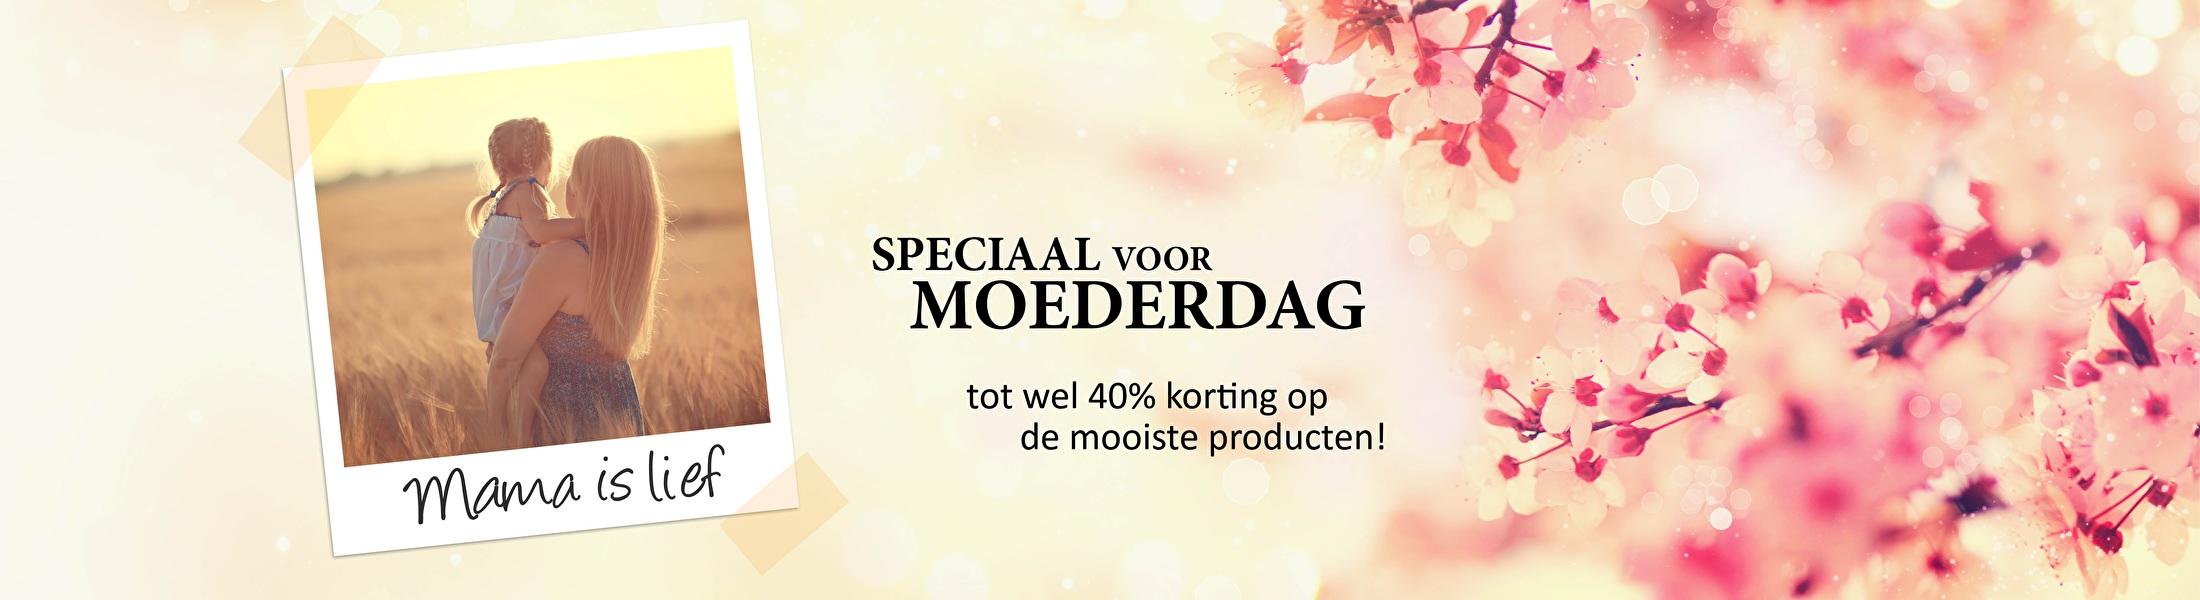 Speciaal voor Moederdag tot 40% korting op de mooiste producten!